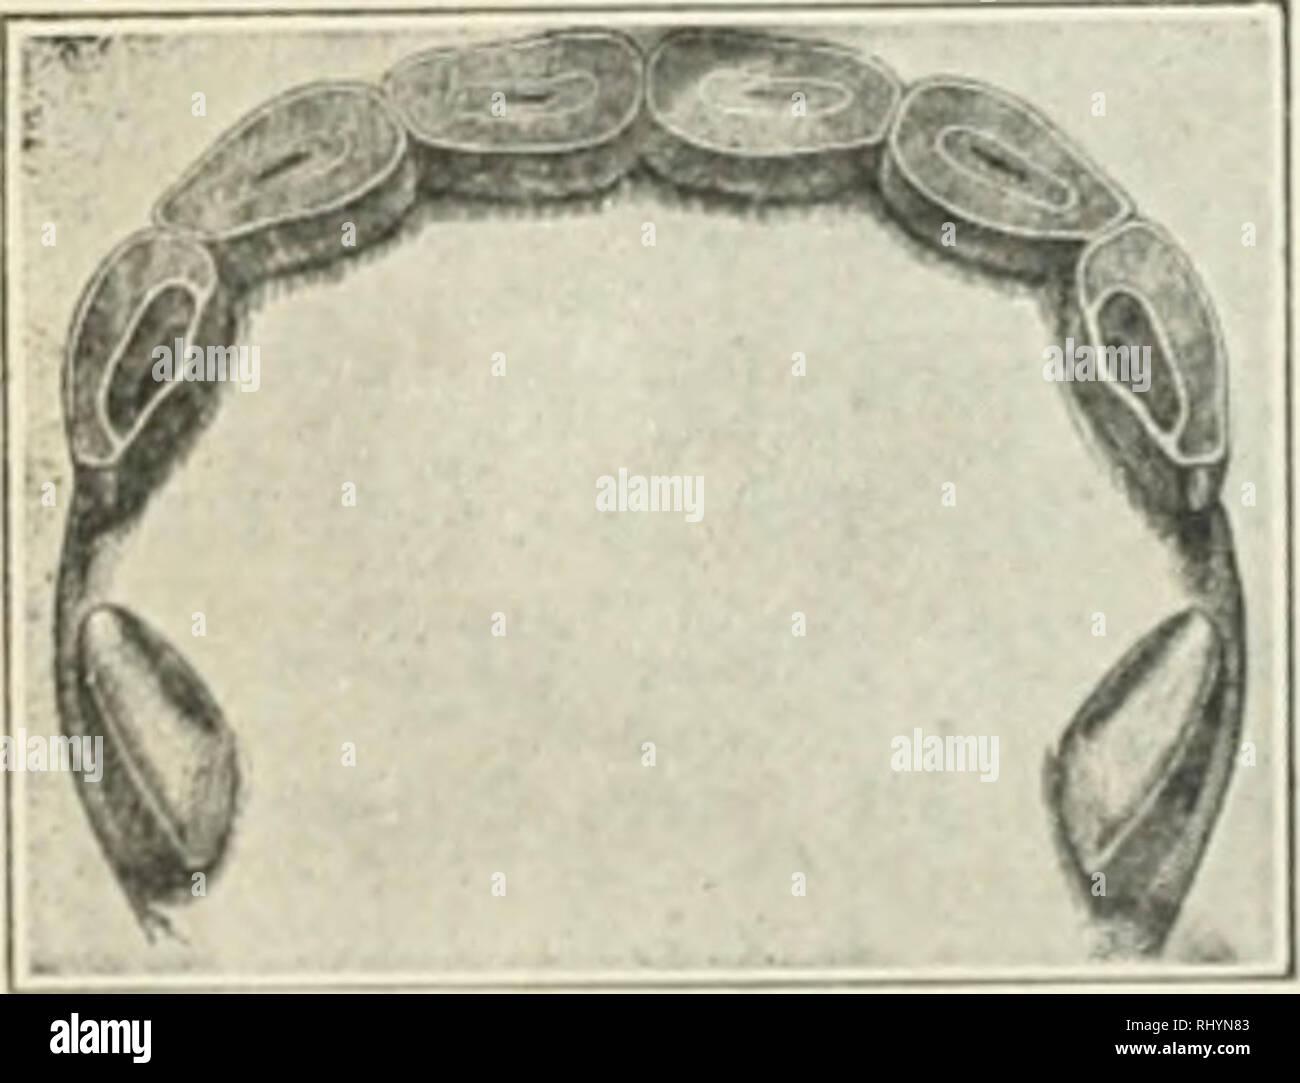 . Anfänge in der Tierhaltung. Vieh und Geflügel. Abb. 76. 4 Jahre alt.. Bitte beachten Sie, dass diese Bilder sind von der gescannten Seite Bilder, die digital für die Lesbarkeit verbessert haben mögen - Färbung und Aussehen dieser Abbildungen können nicht perfekt dem Original ähneln. extrahiert. Plumb, Charles Sumner, 1860-1939. St. Paul, Minn: Webb Pub. Co. Stockfoto